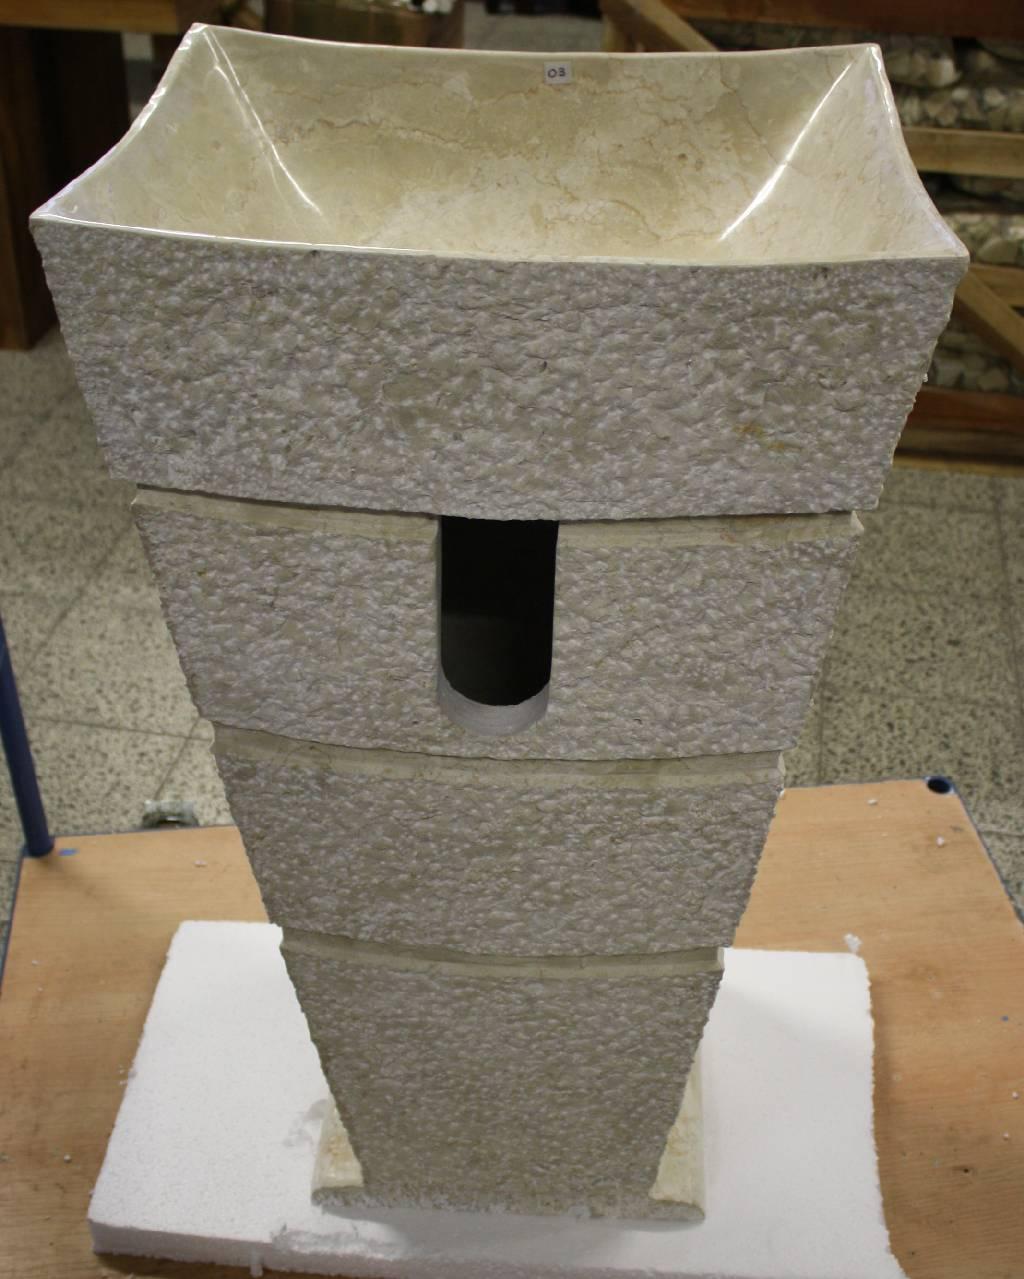 standwaschbecken hand waschbecken waschtisch naturstein marmor stein restposten ebay. Black Bedroom Furniture Sets. Home Design Ideas